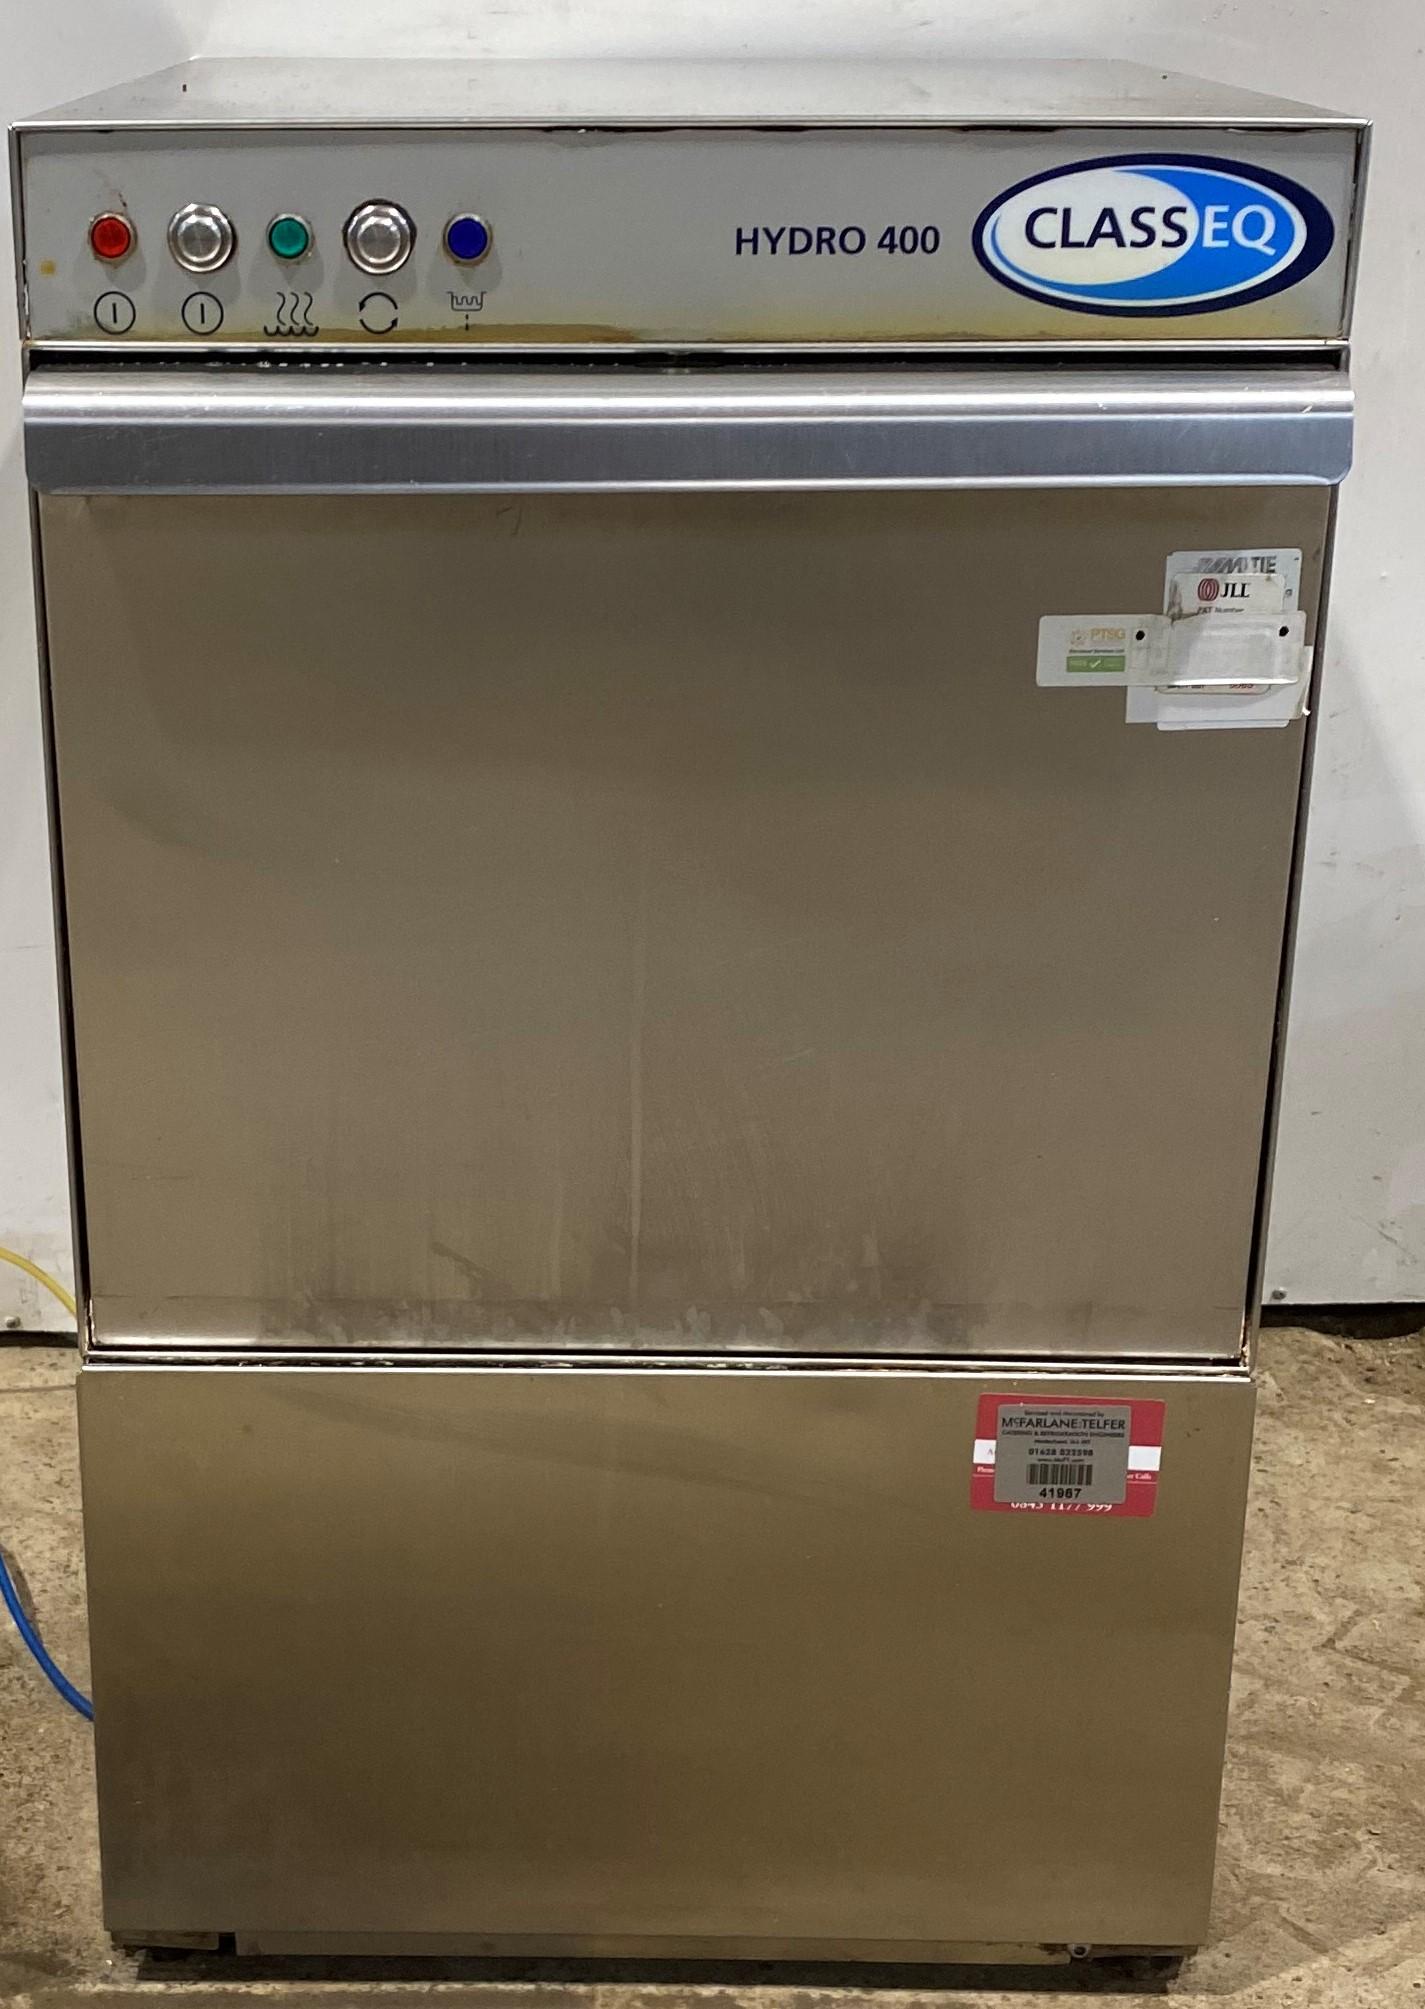 CLASSEQ Hydro Glass Washer